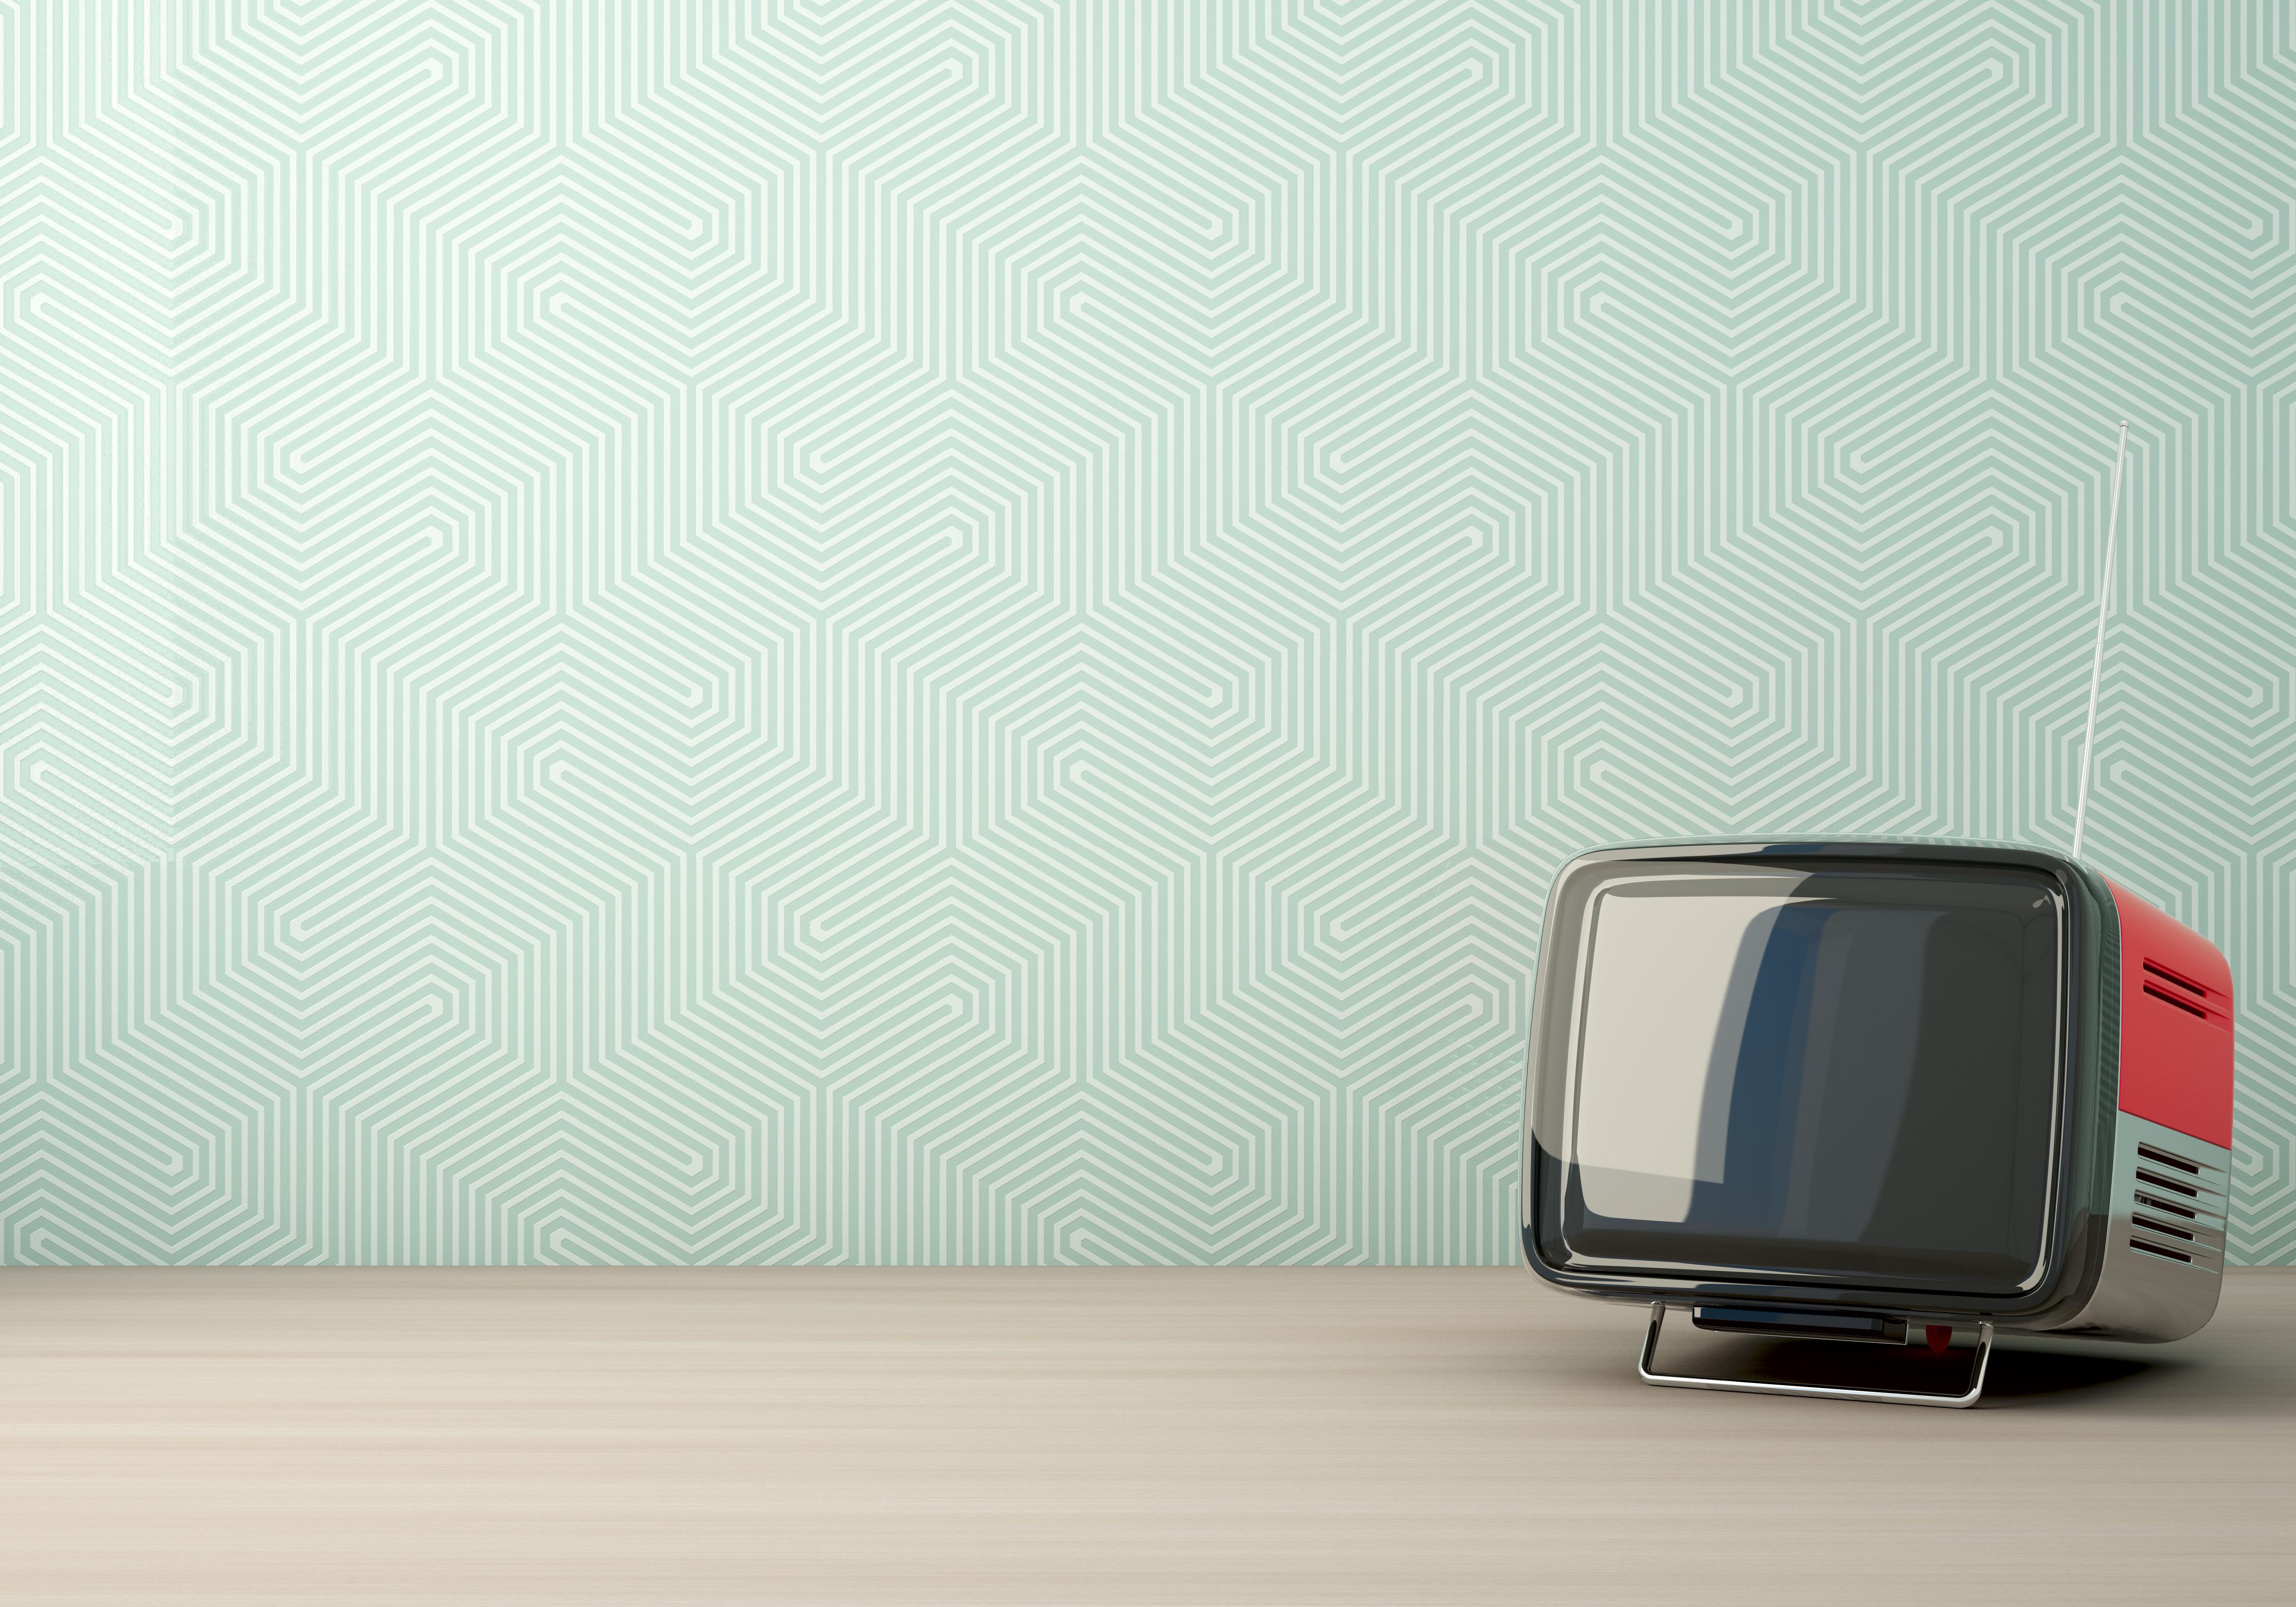 ทีวีติดๆ ดับ ๆ